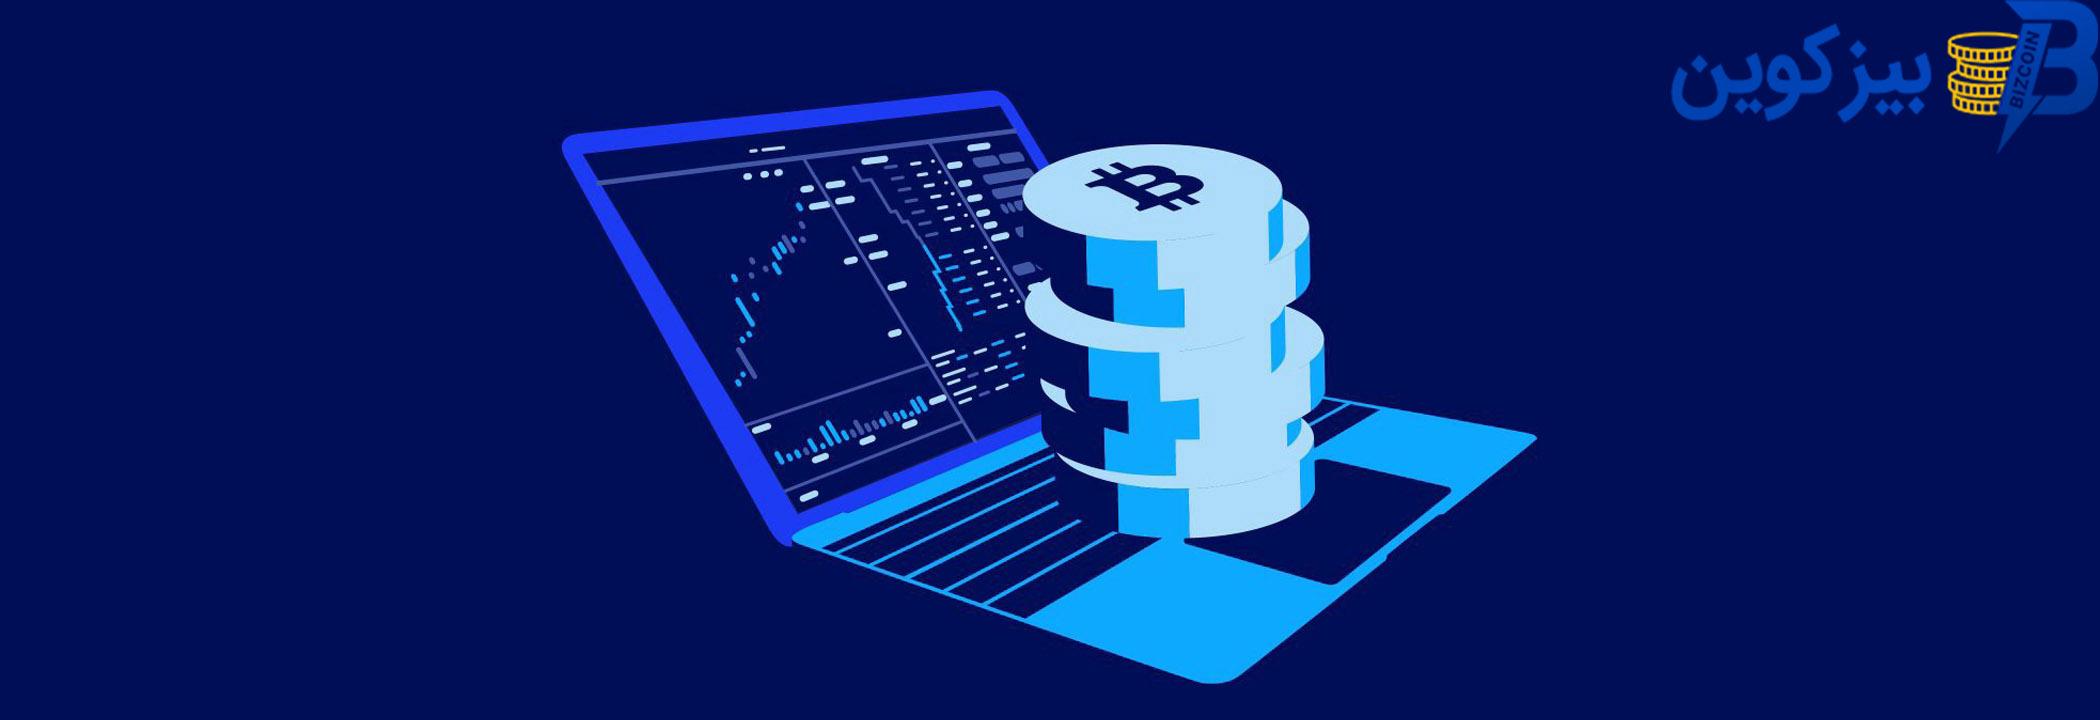 trading روش های کسب درآمد از طریق ارزهای دیجیتال در زمان قرنطینه!